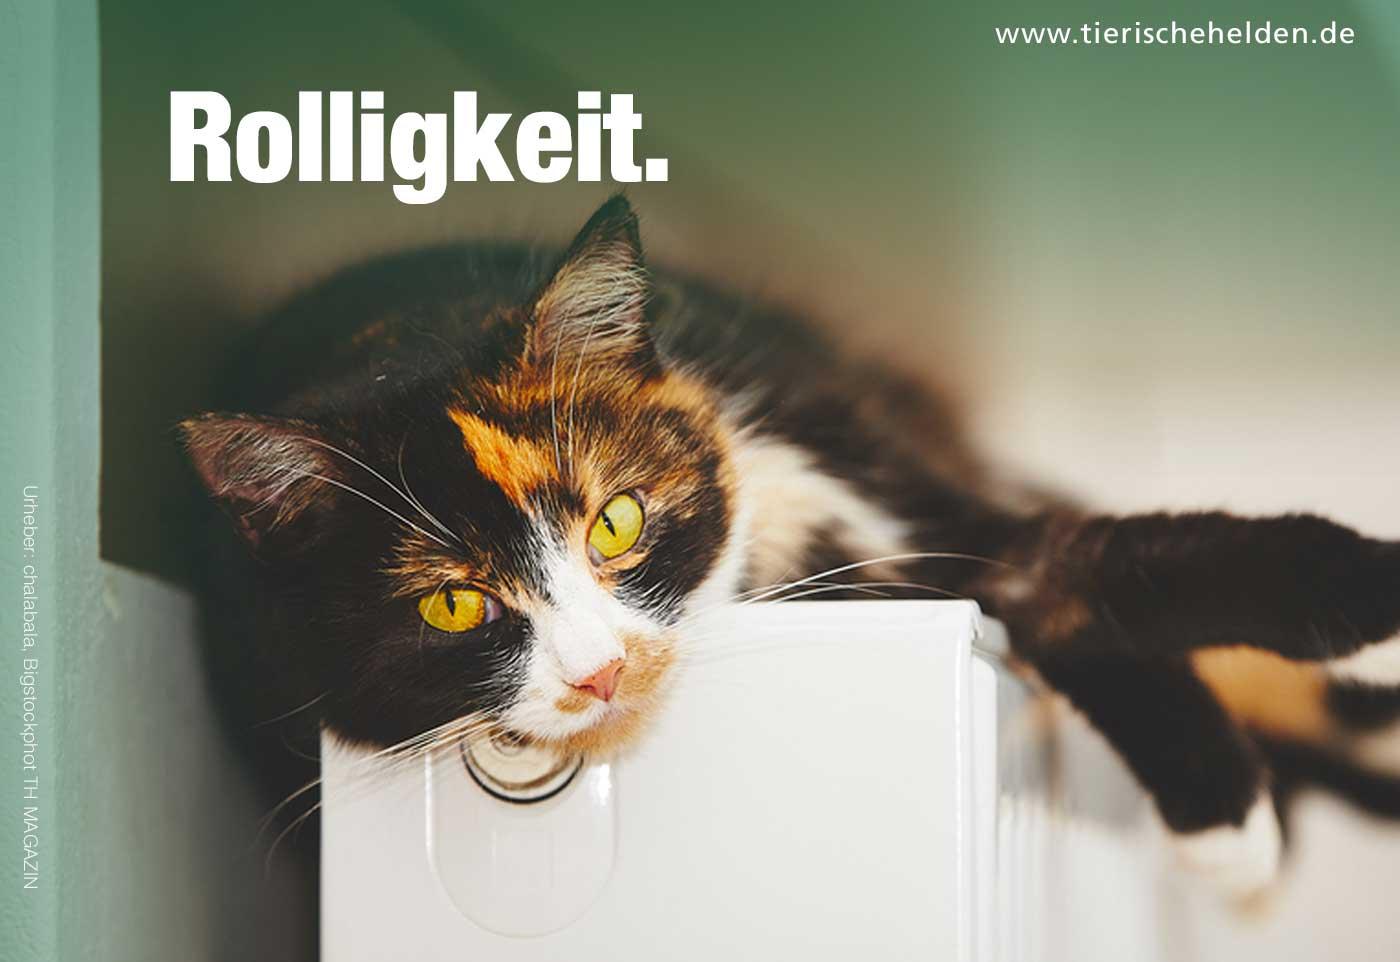 Rolligkeit bei der Katze